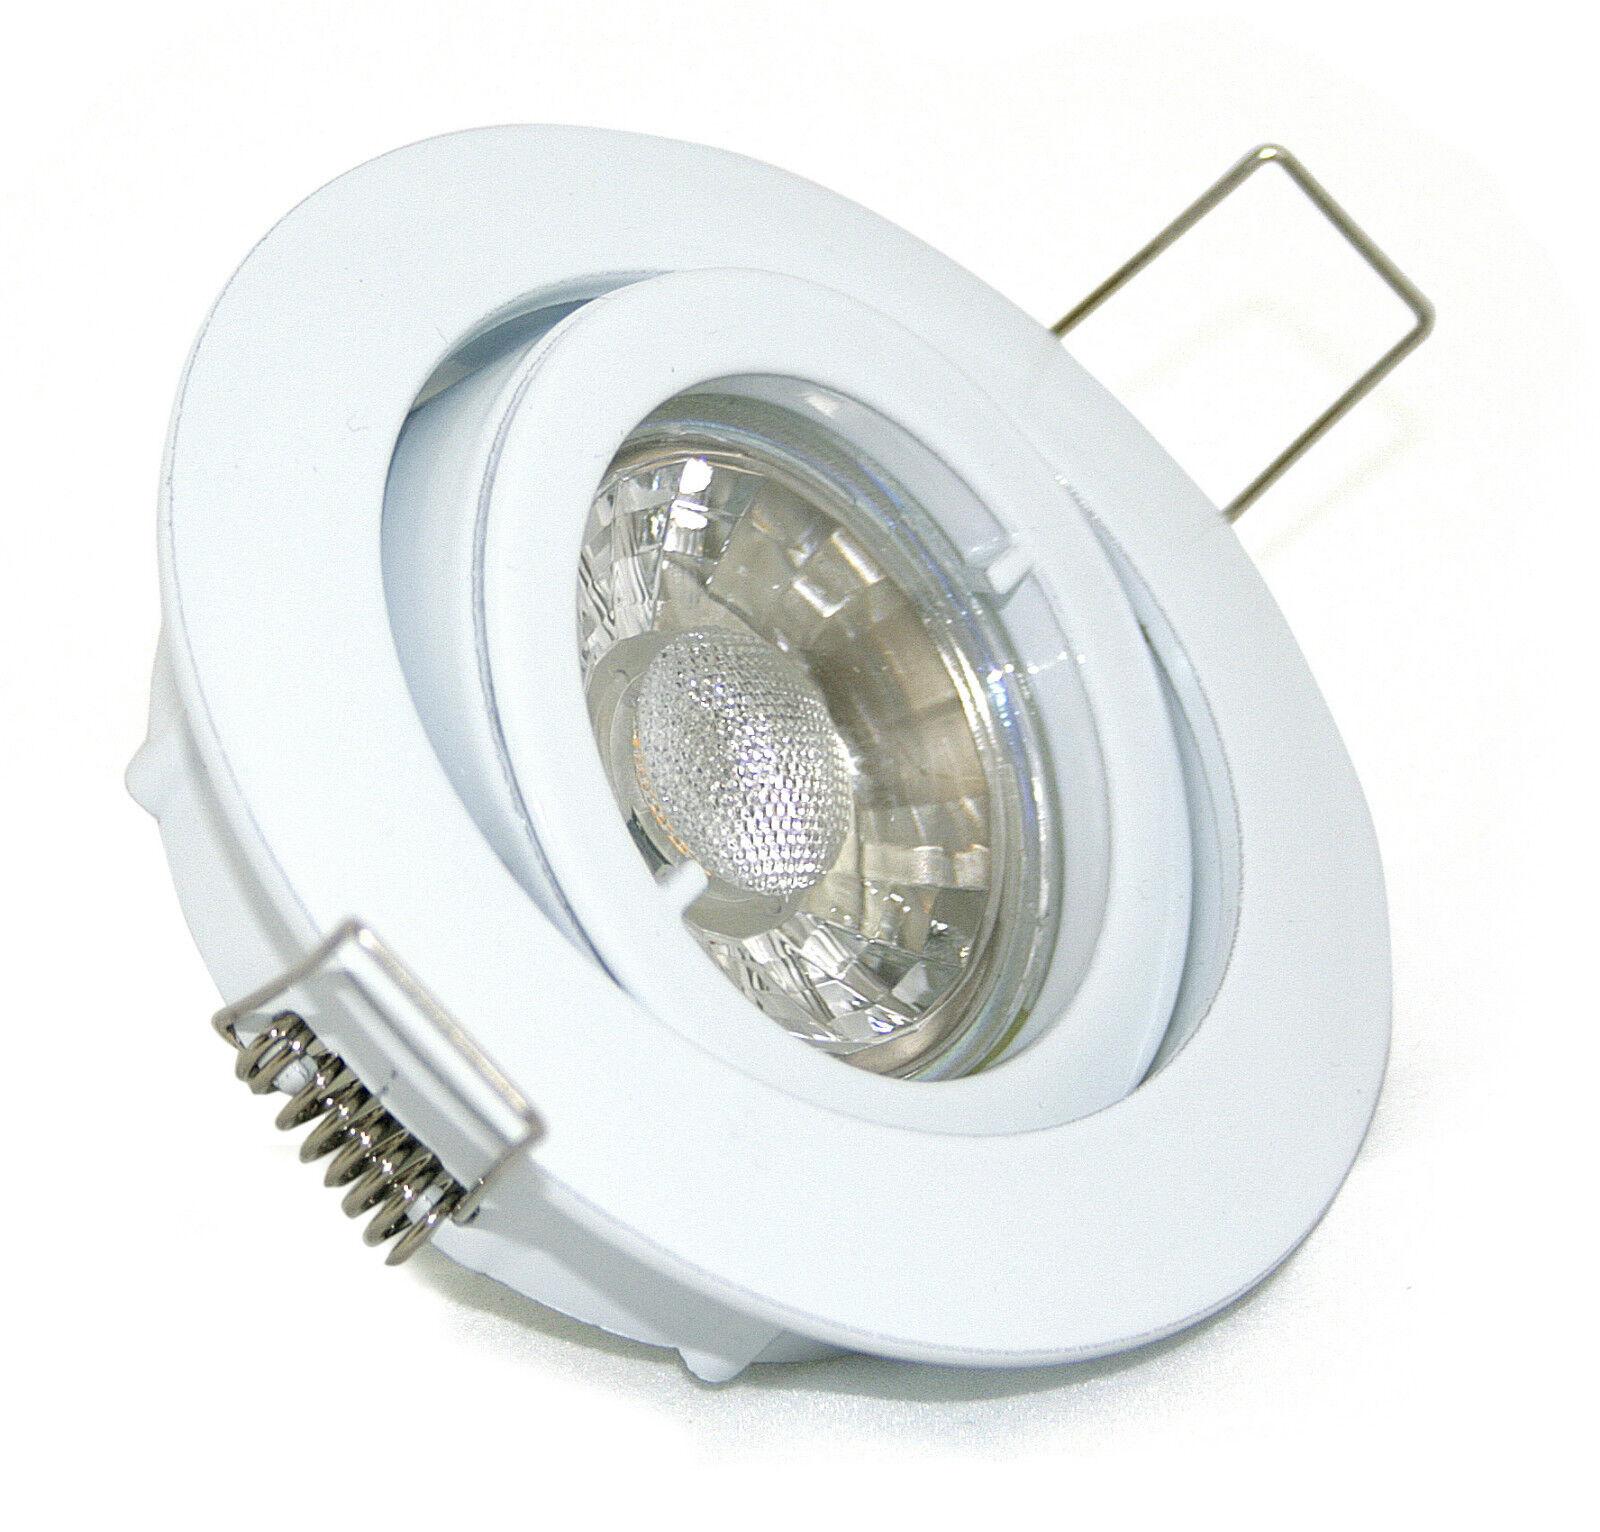 Feuchtraum Deckenstrahler Aqua IP44 IP65 inkl 5W LED LM EEK A K92146 GU10